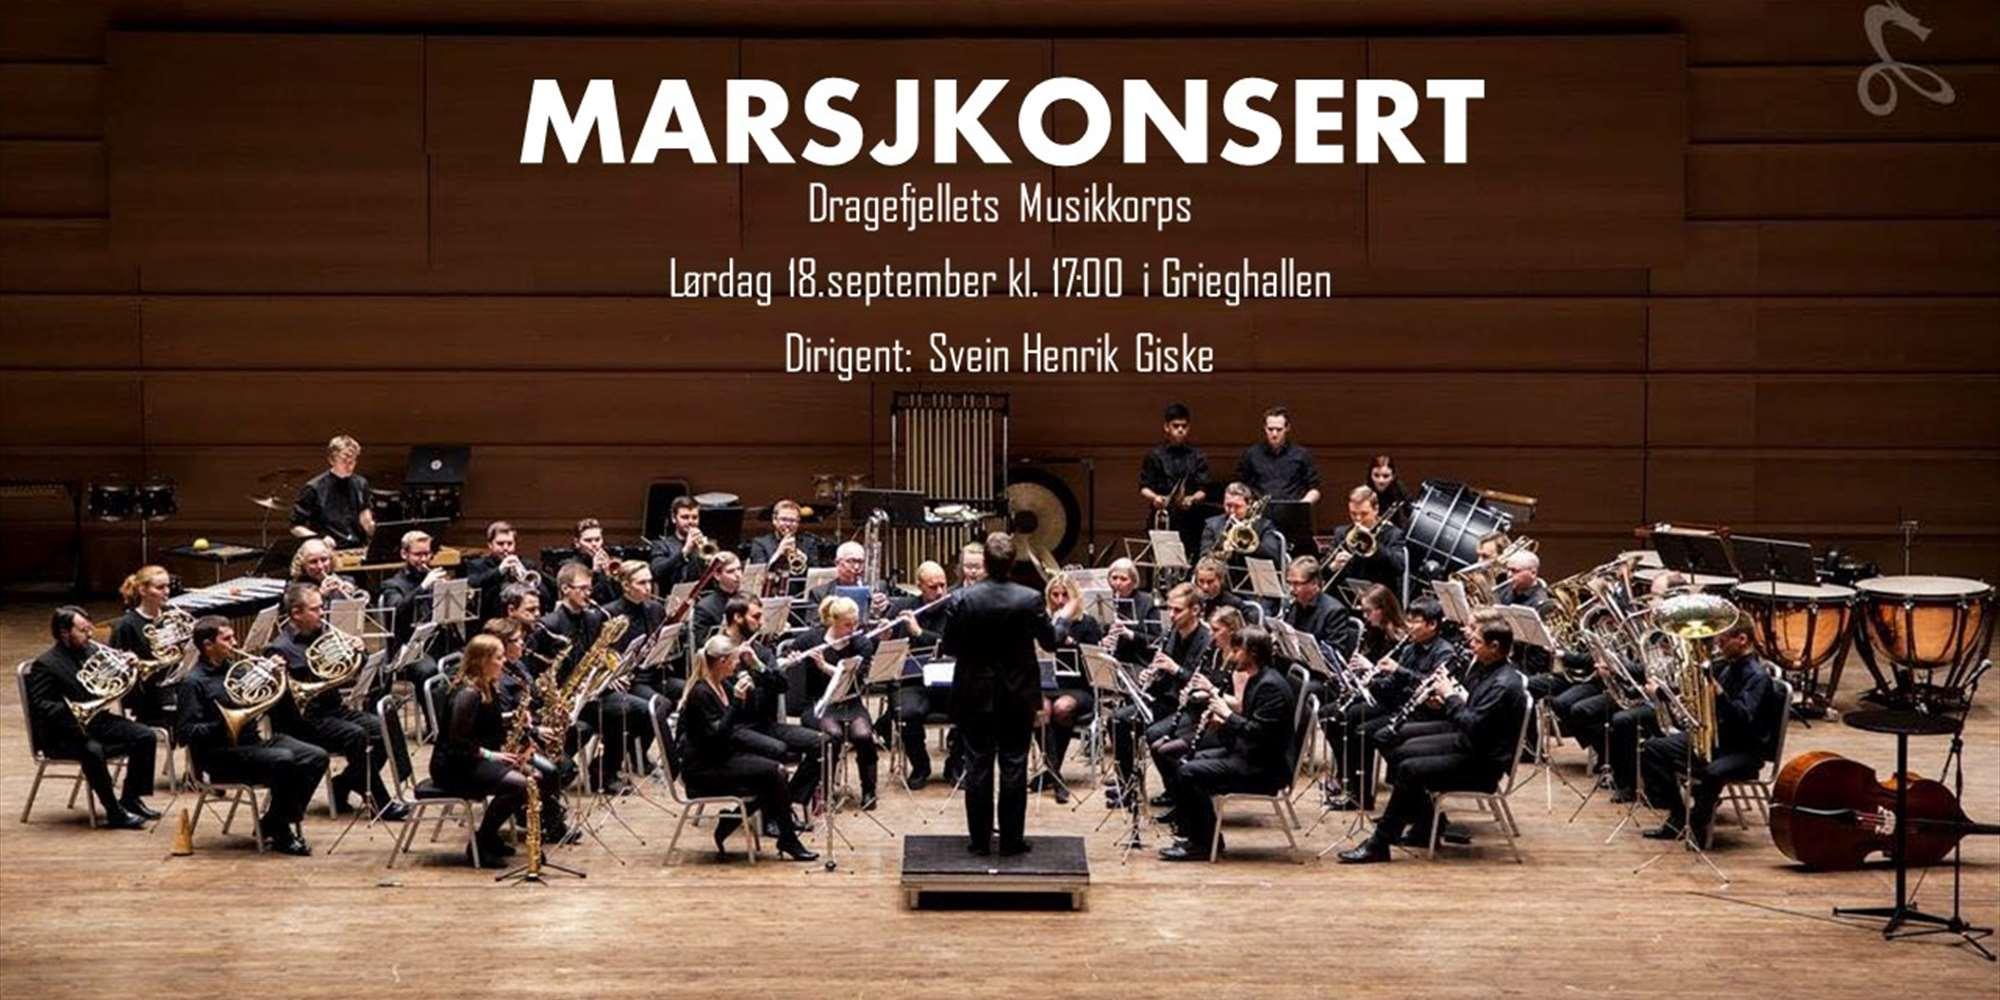 Marsjkonsert med Dragefjellets Musikkorps